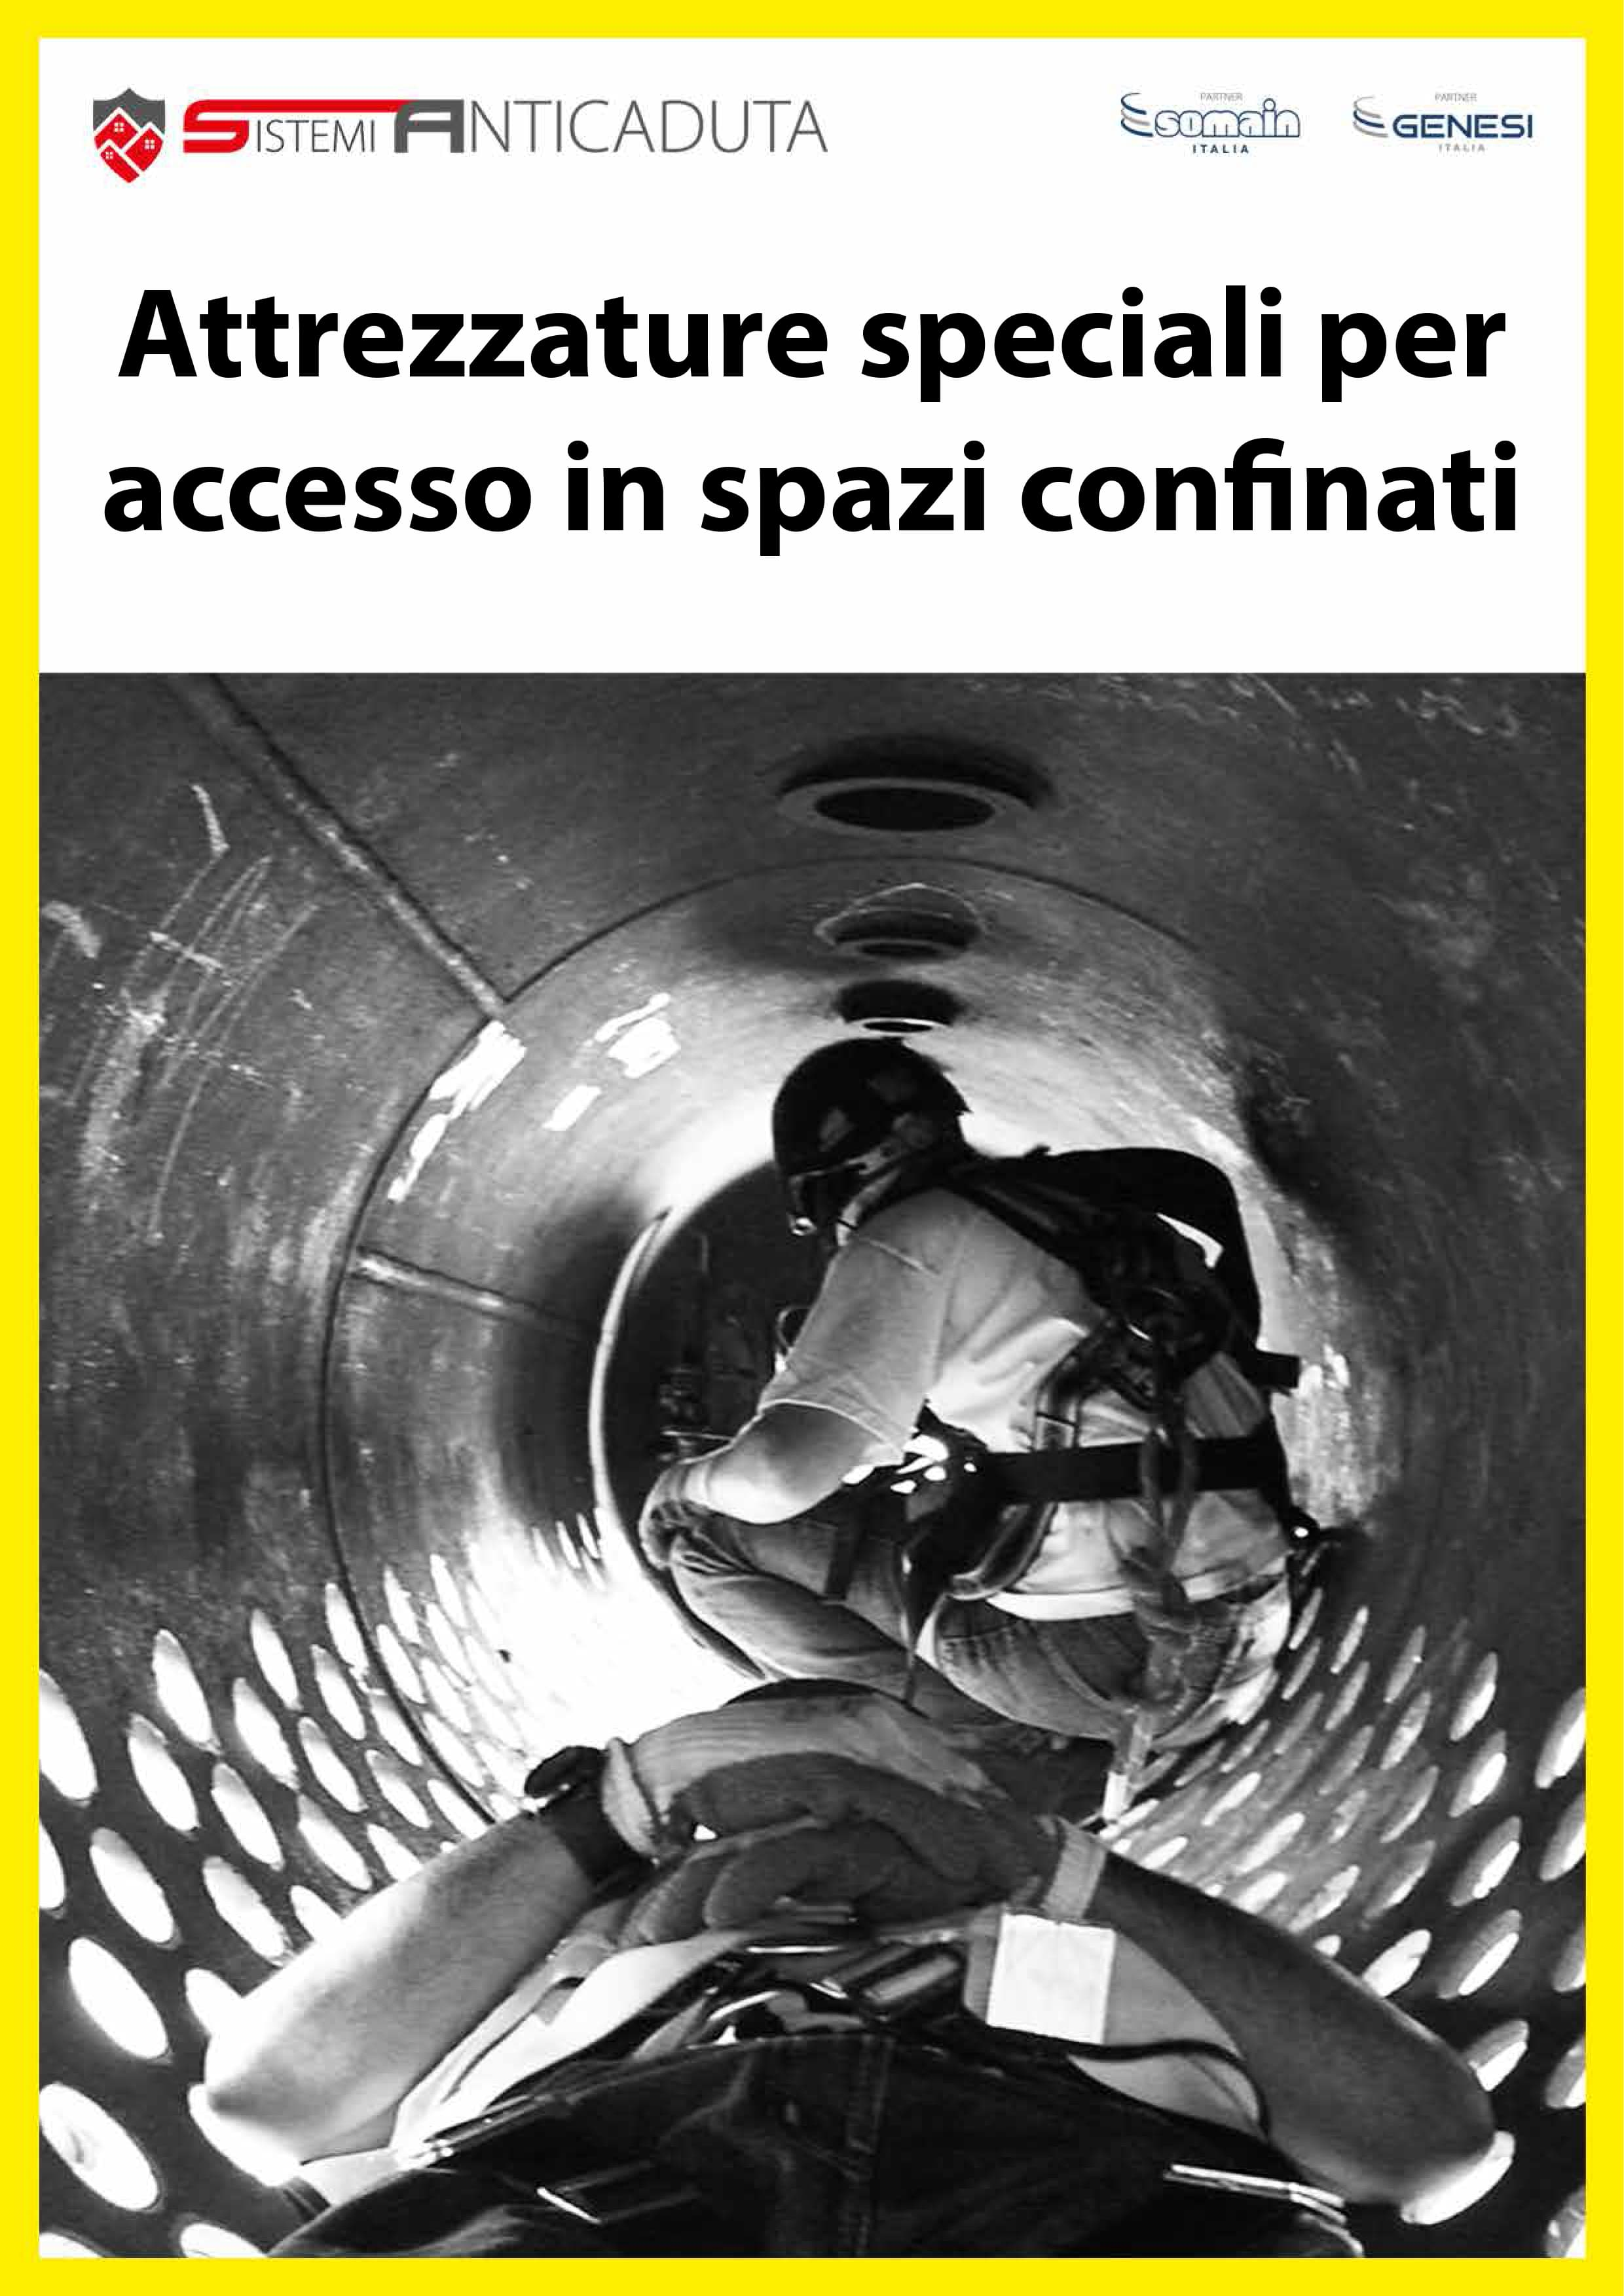 Attrezzature speciali per accesso spazi confinati